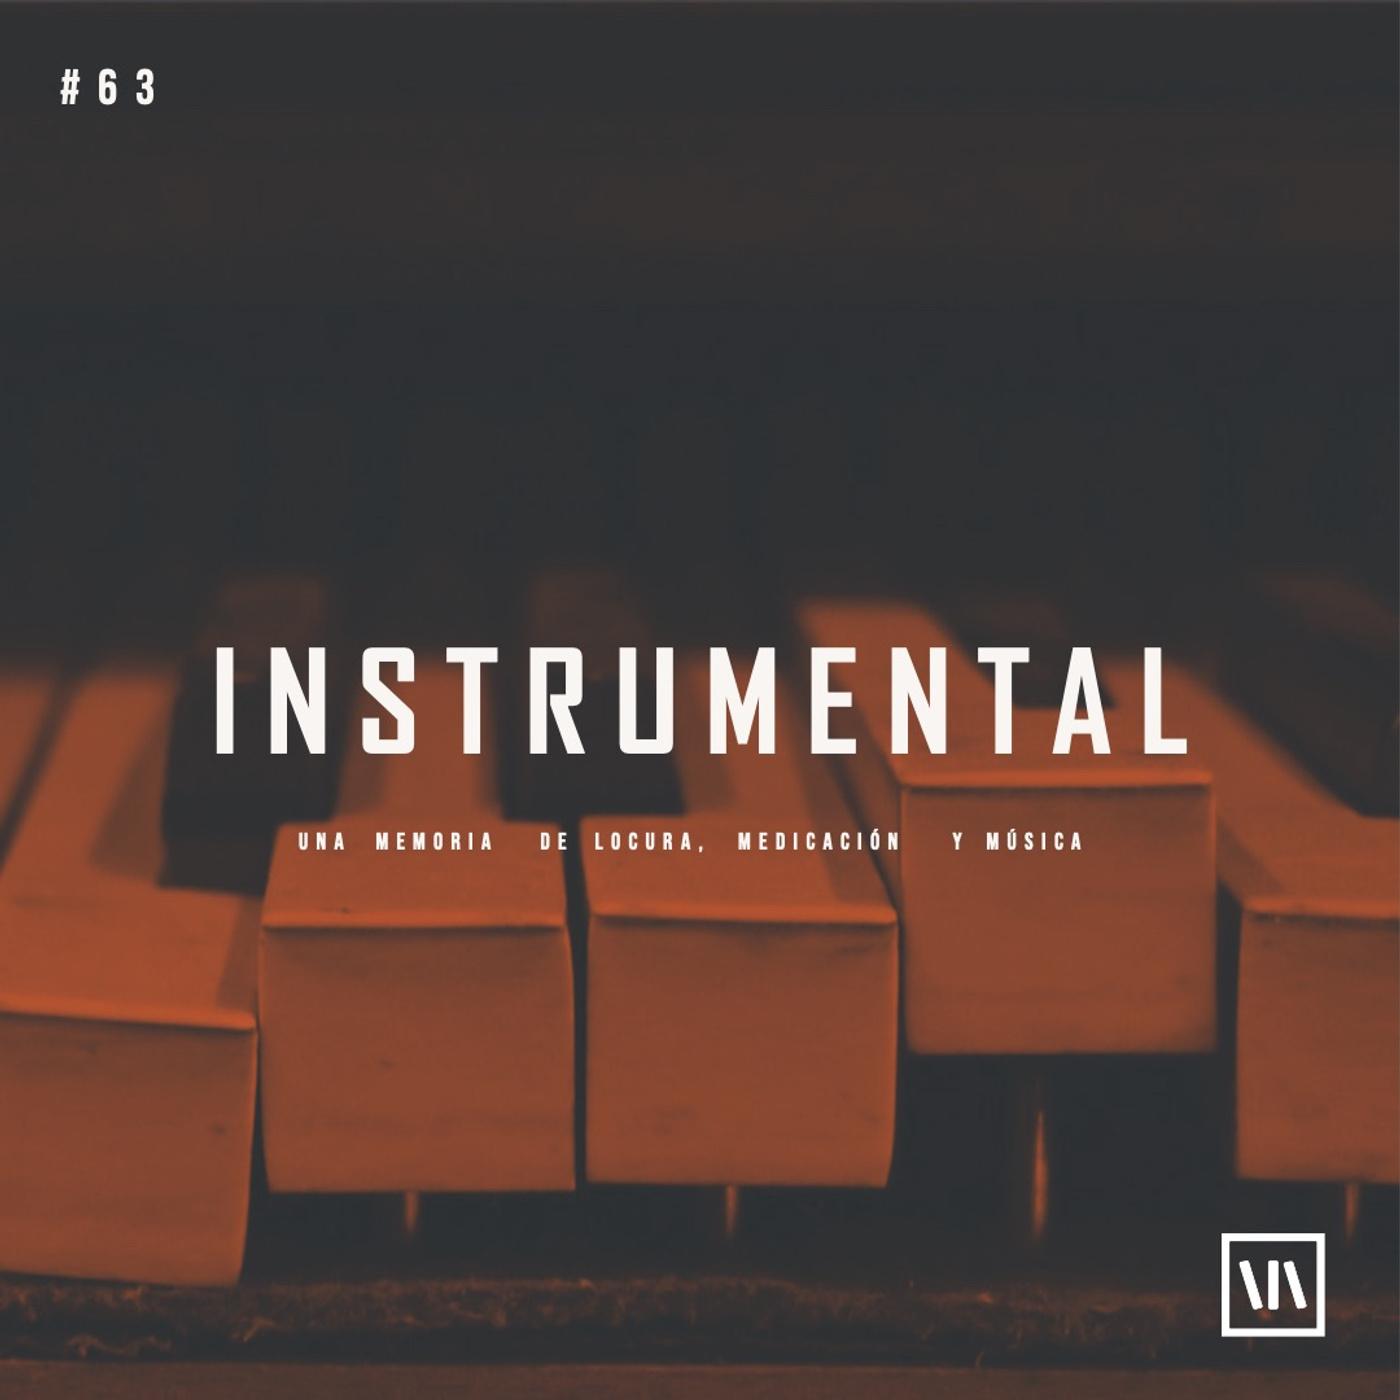 Instrumental: una memoria de locura, medicación y música